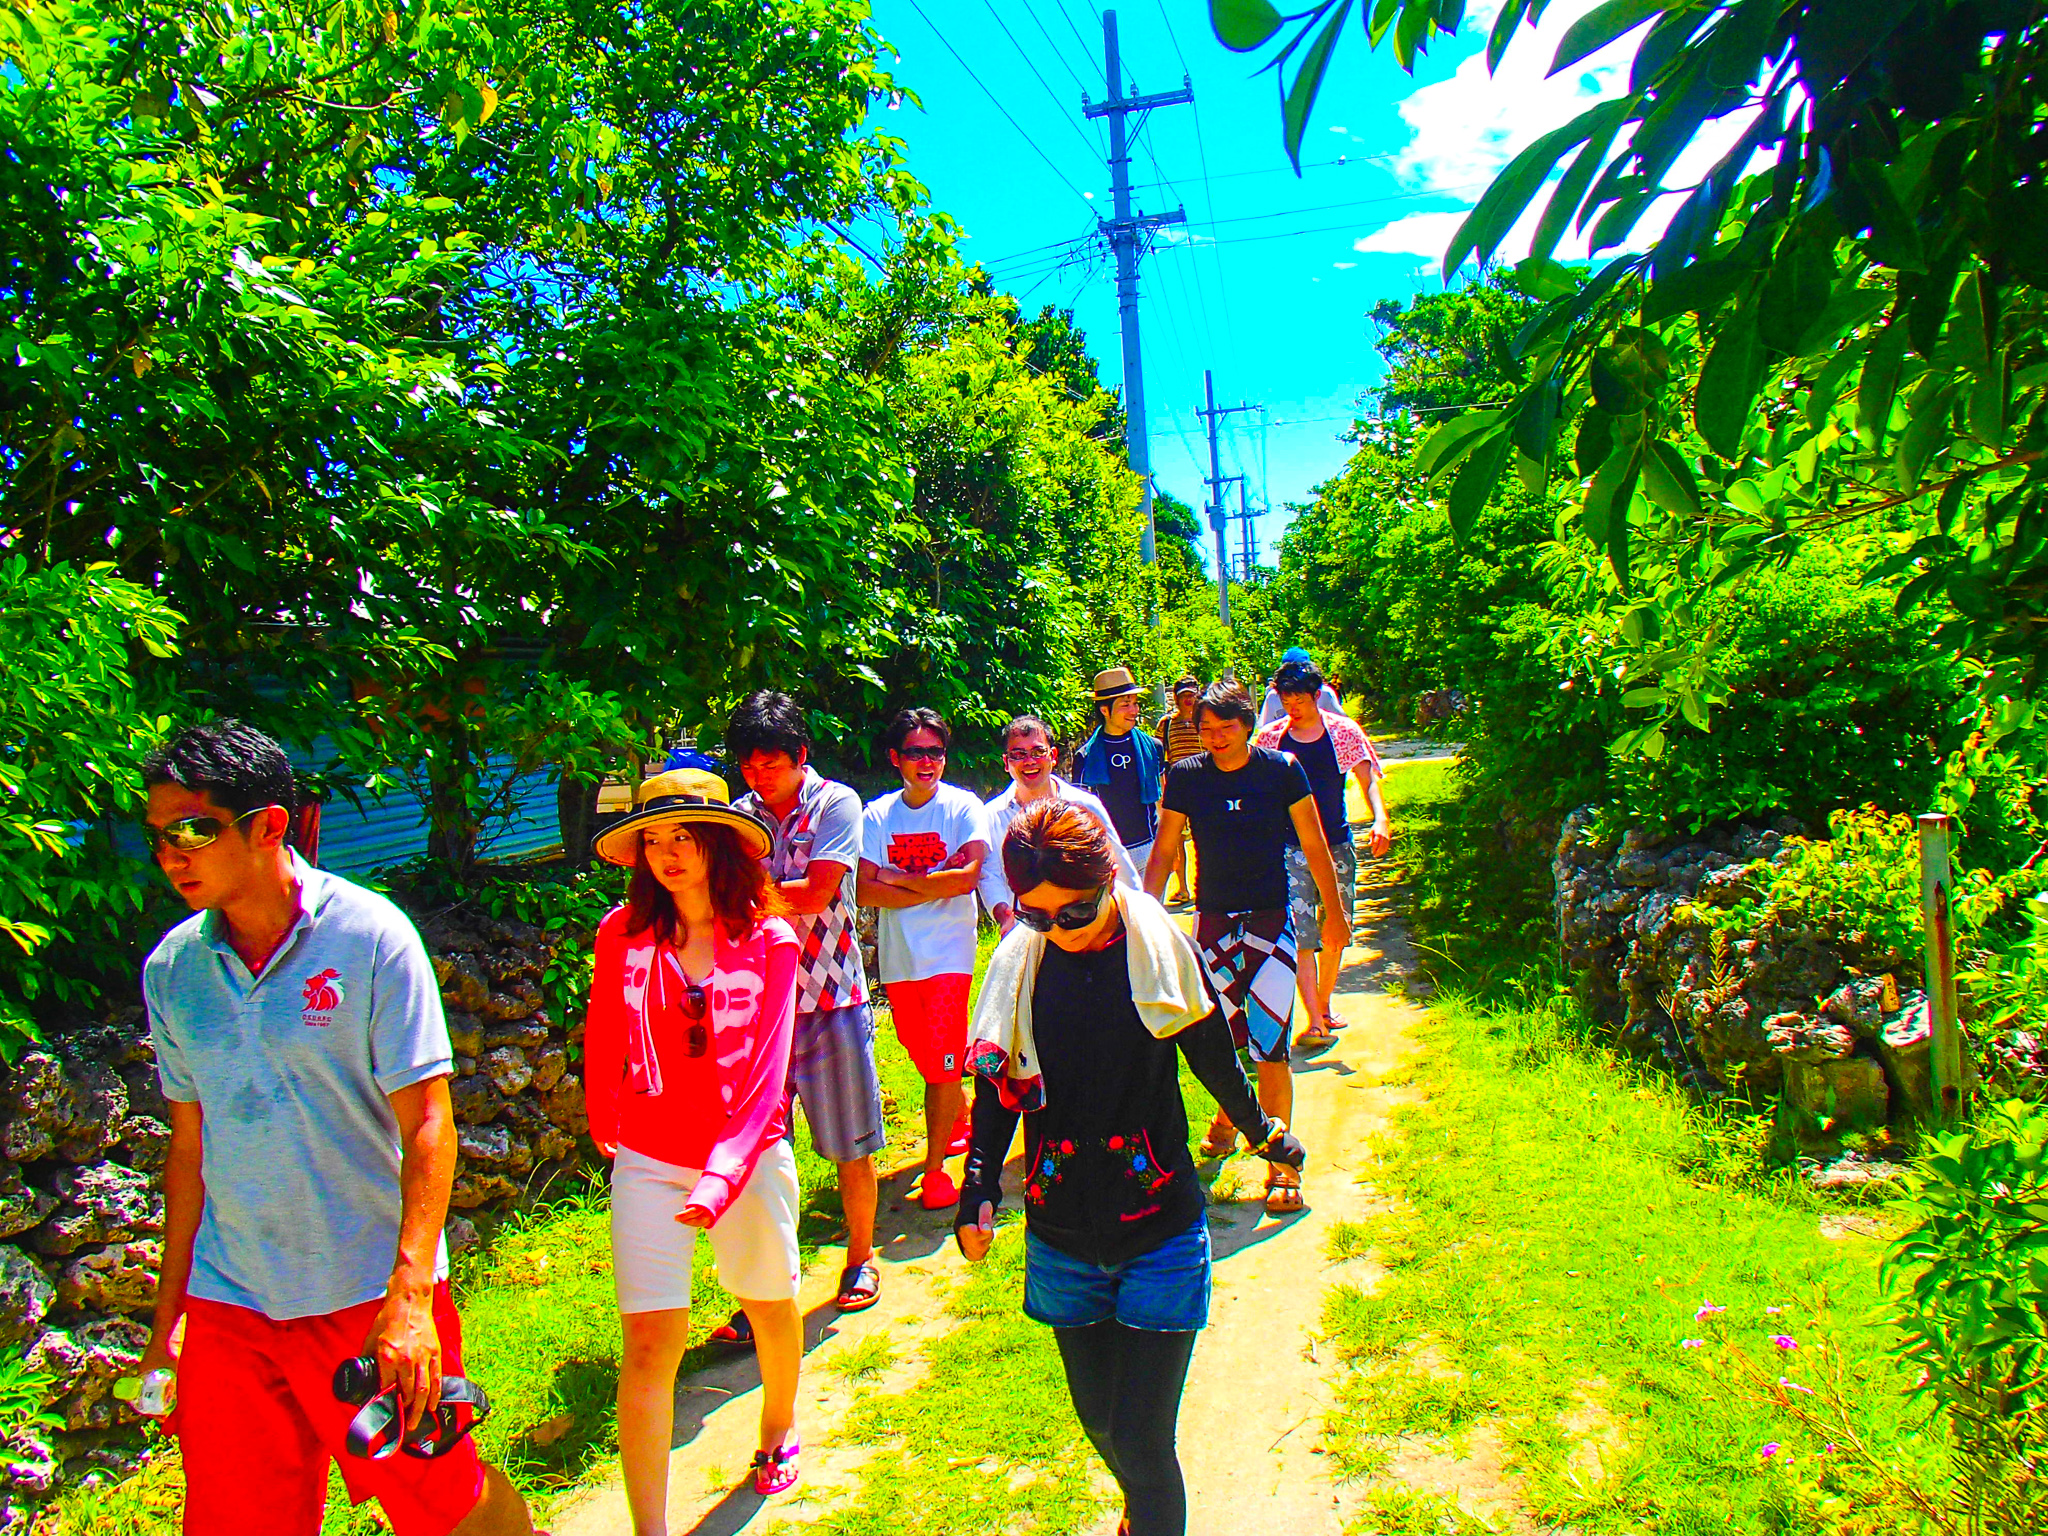 団体旅行で新城島の集落を散策